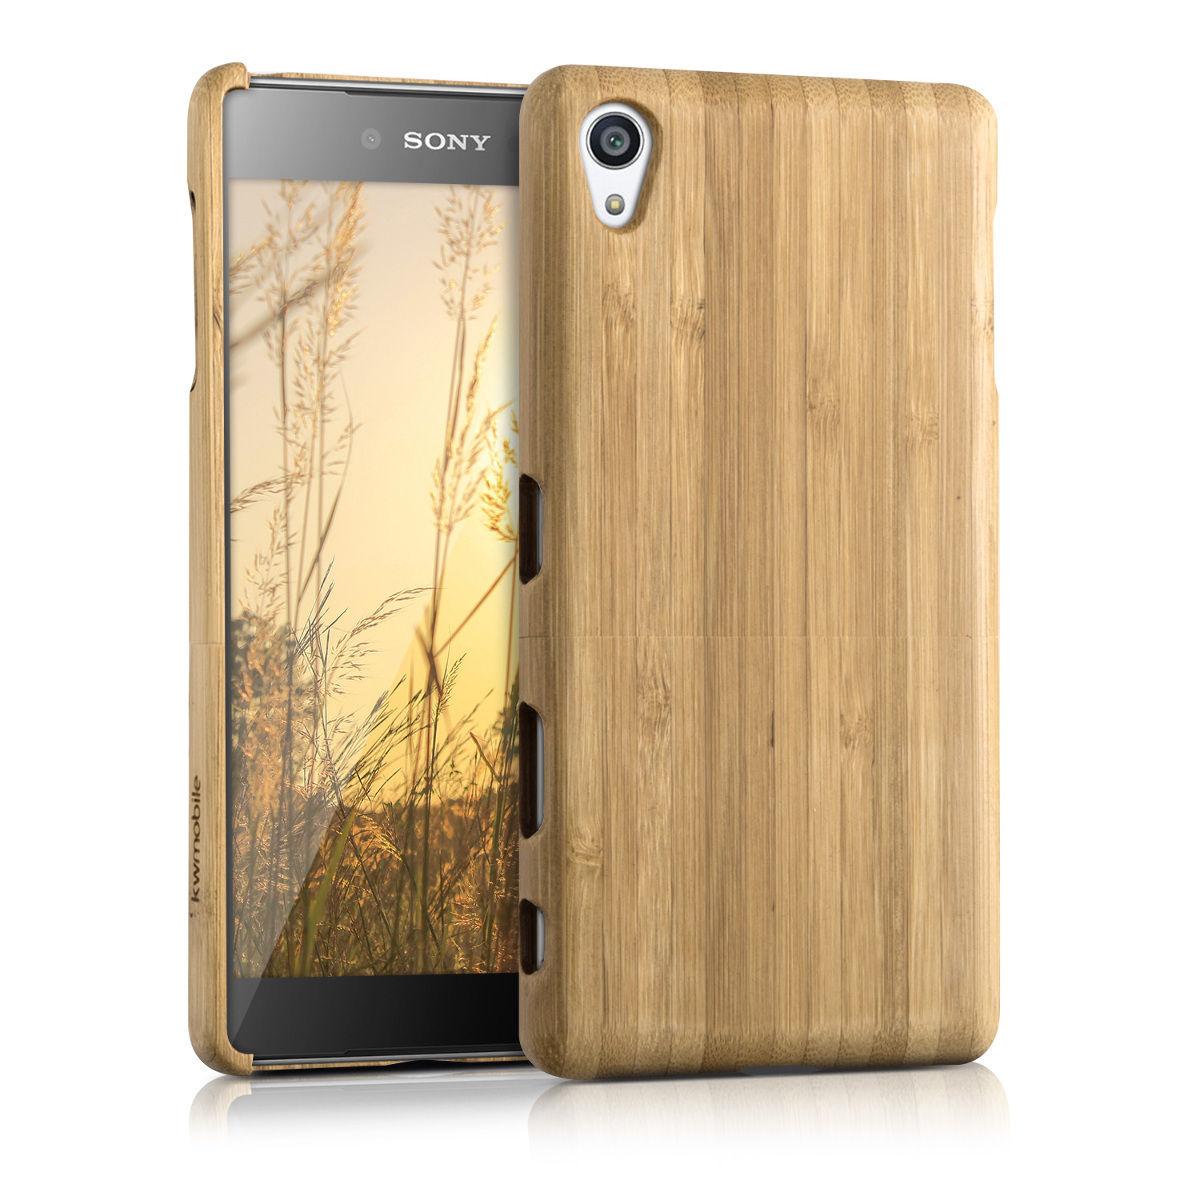 Pouzdro pro Sony Xperia Z5 Premium bambus